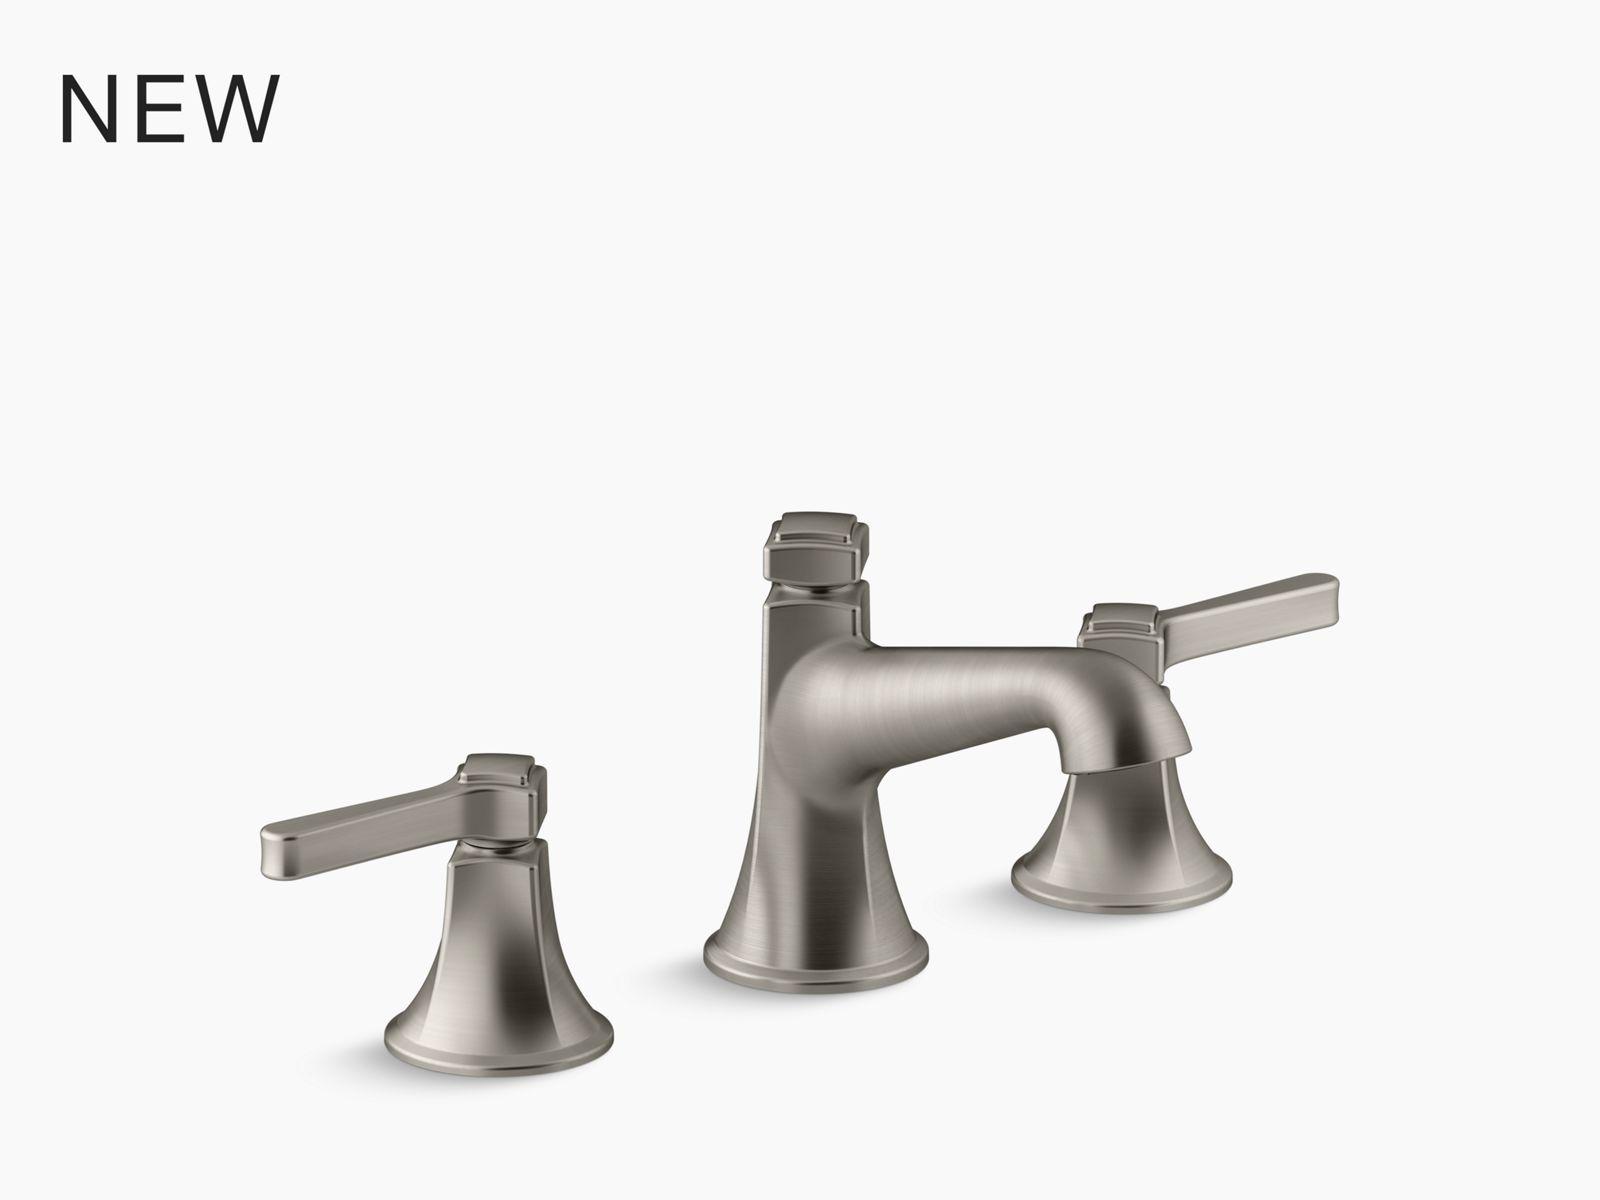 lyric cater colander set for kitchen sink